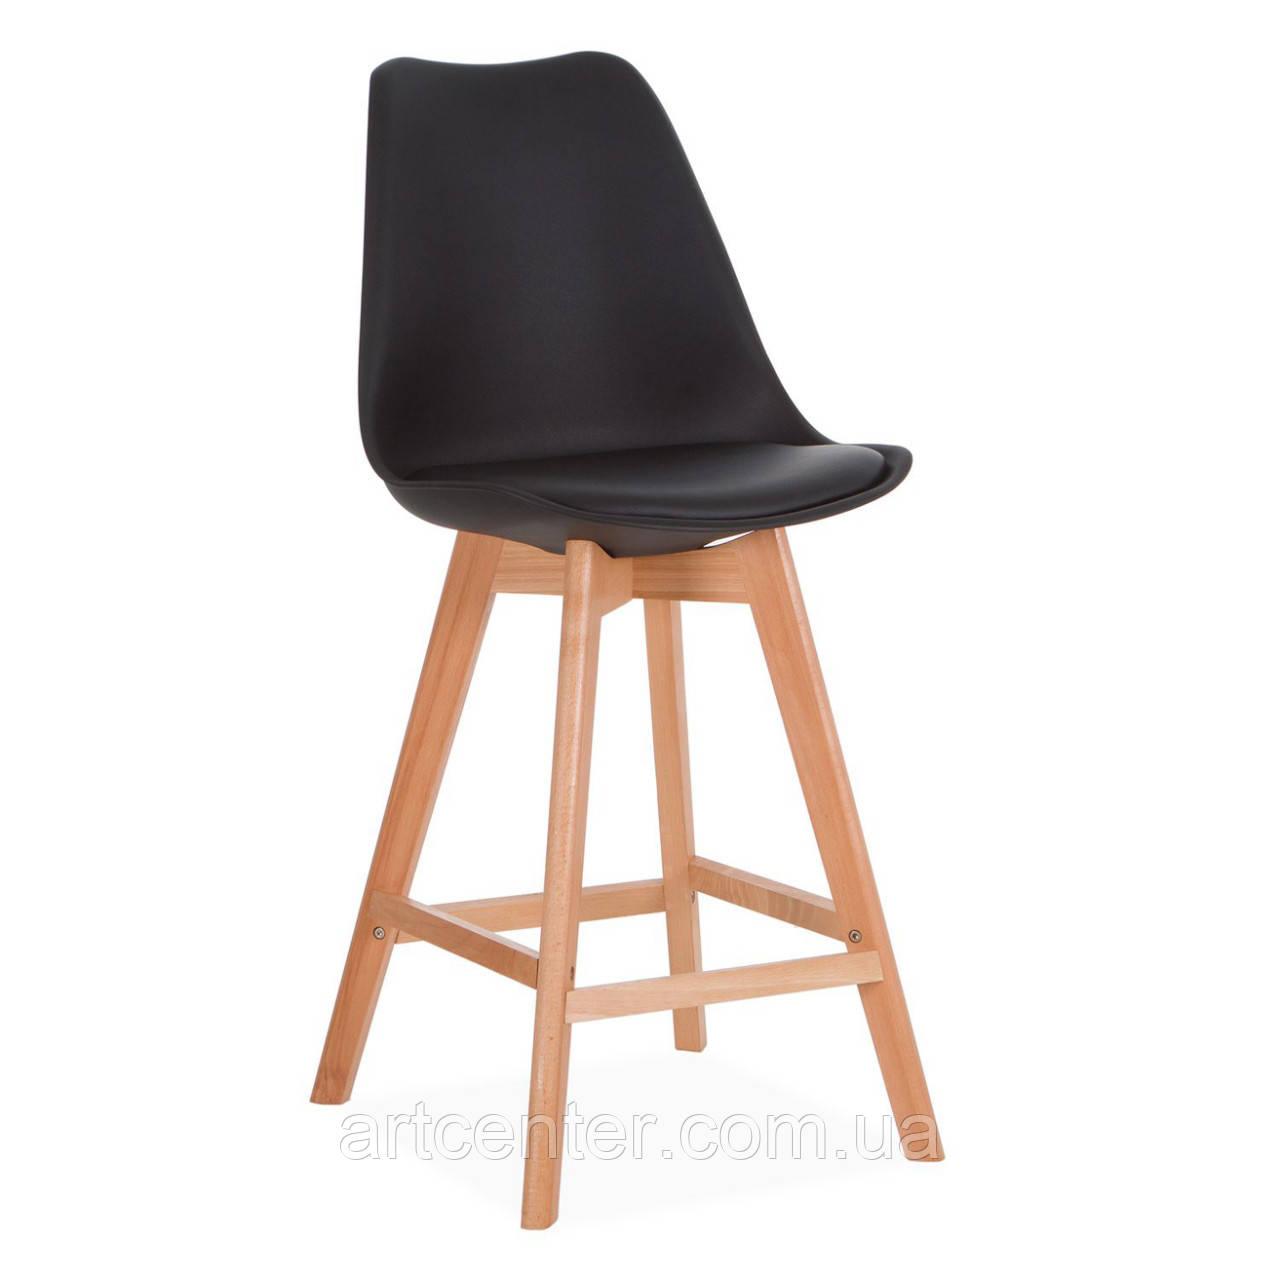 Стілець для візажиста, стілець для бару, стілець для адміністратора, стілець для касира (ЕЛІОС чорний)